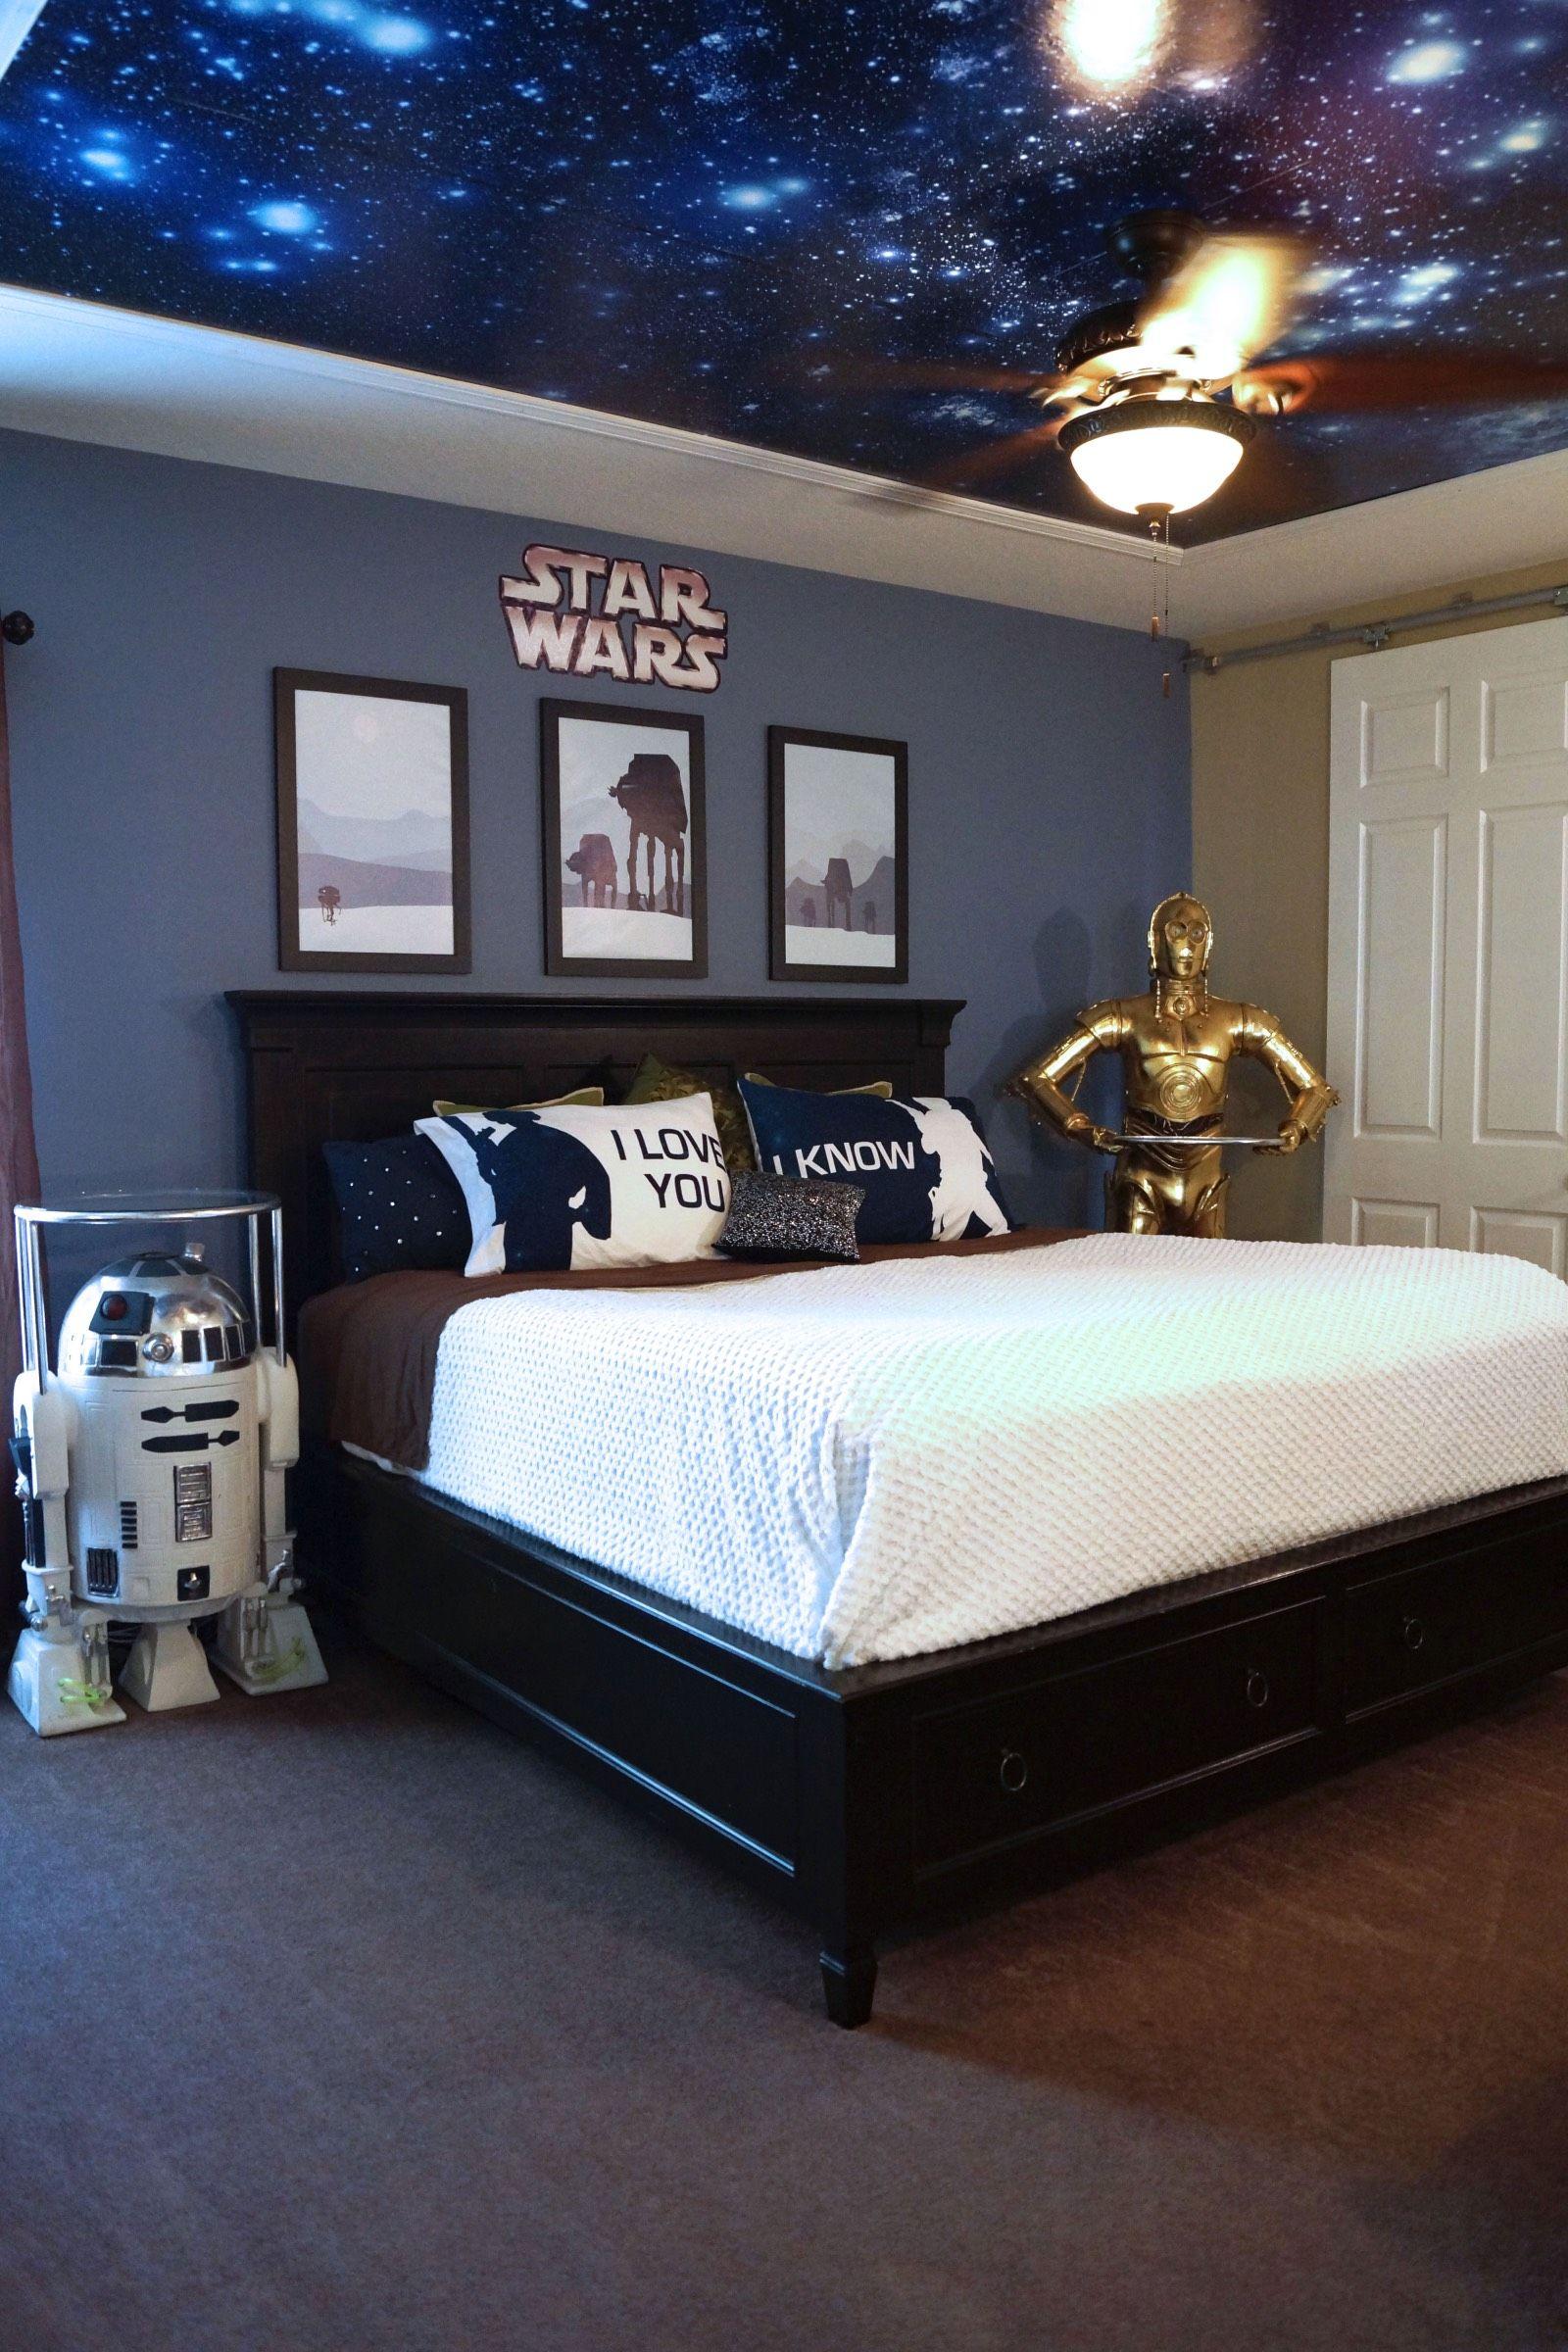 Image Result For Star Wars Bedroom Star Wars Room In